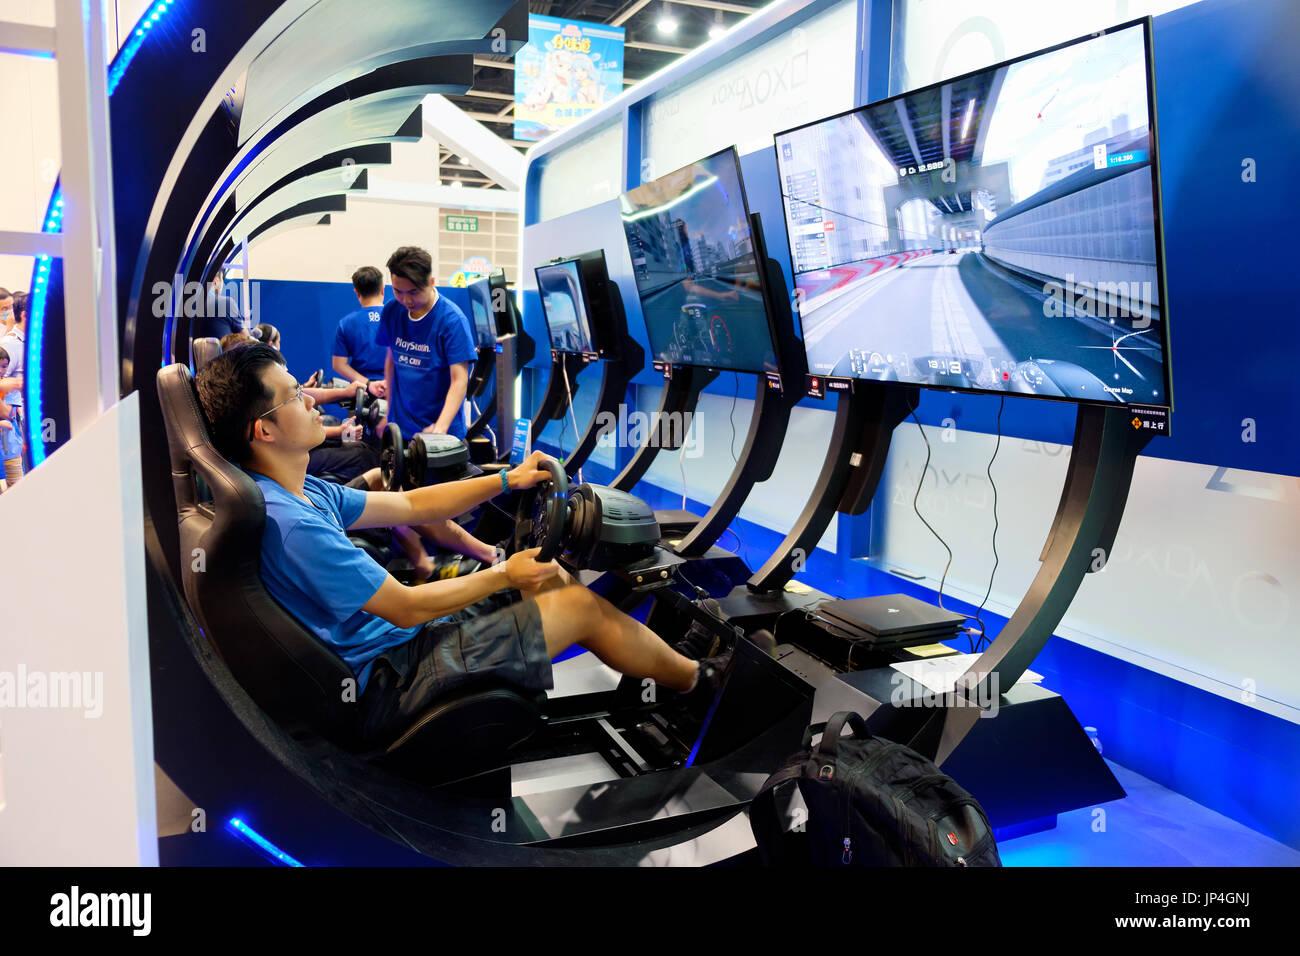 PS4 videHong Kong - July 29, 2017: People play to Playstation 4 videogames. The 19th Ani-Com & Games Hong Kong 2017 at the Hong Kong Convention & Exhi - Stock Image